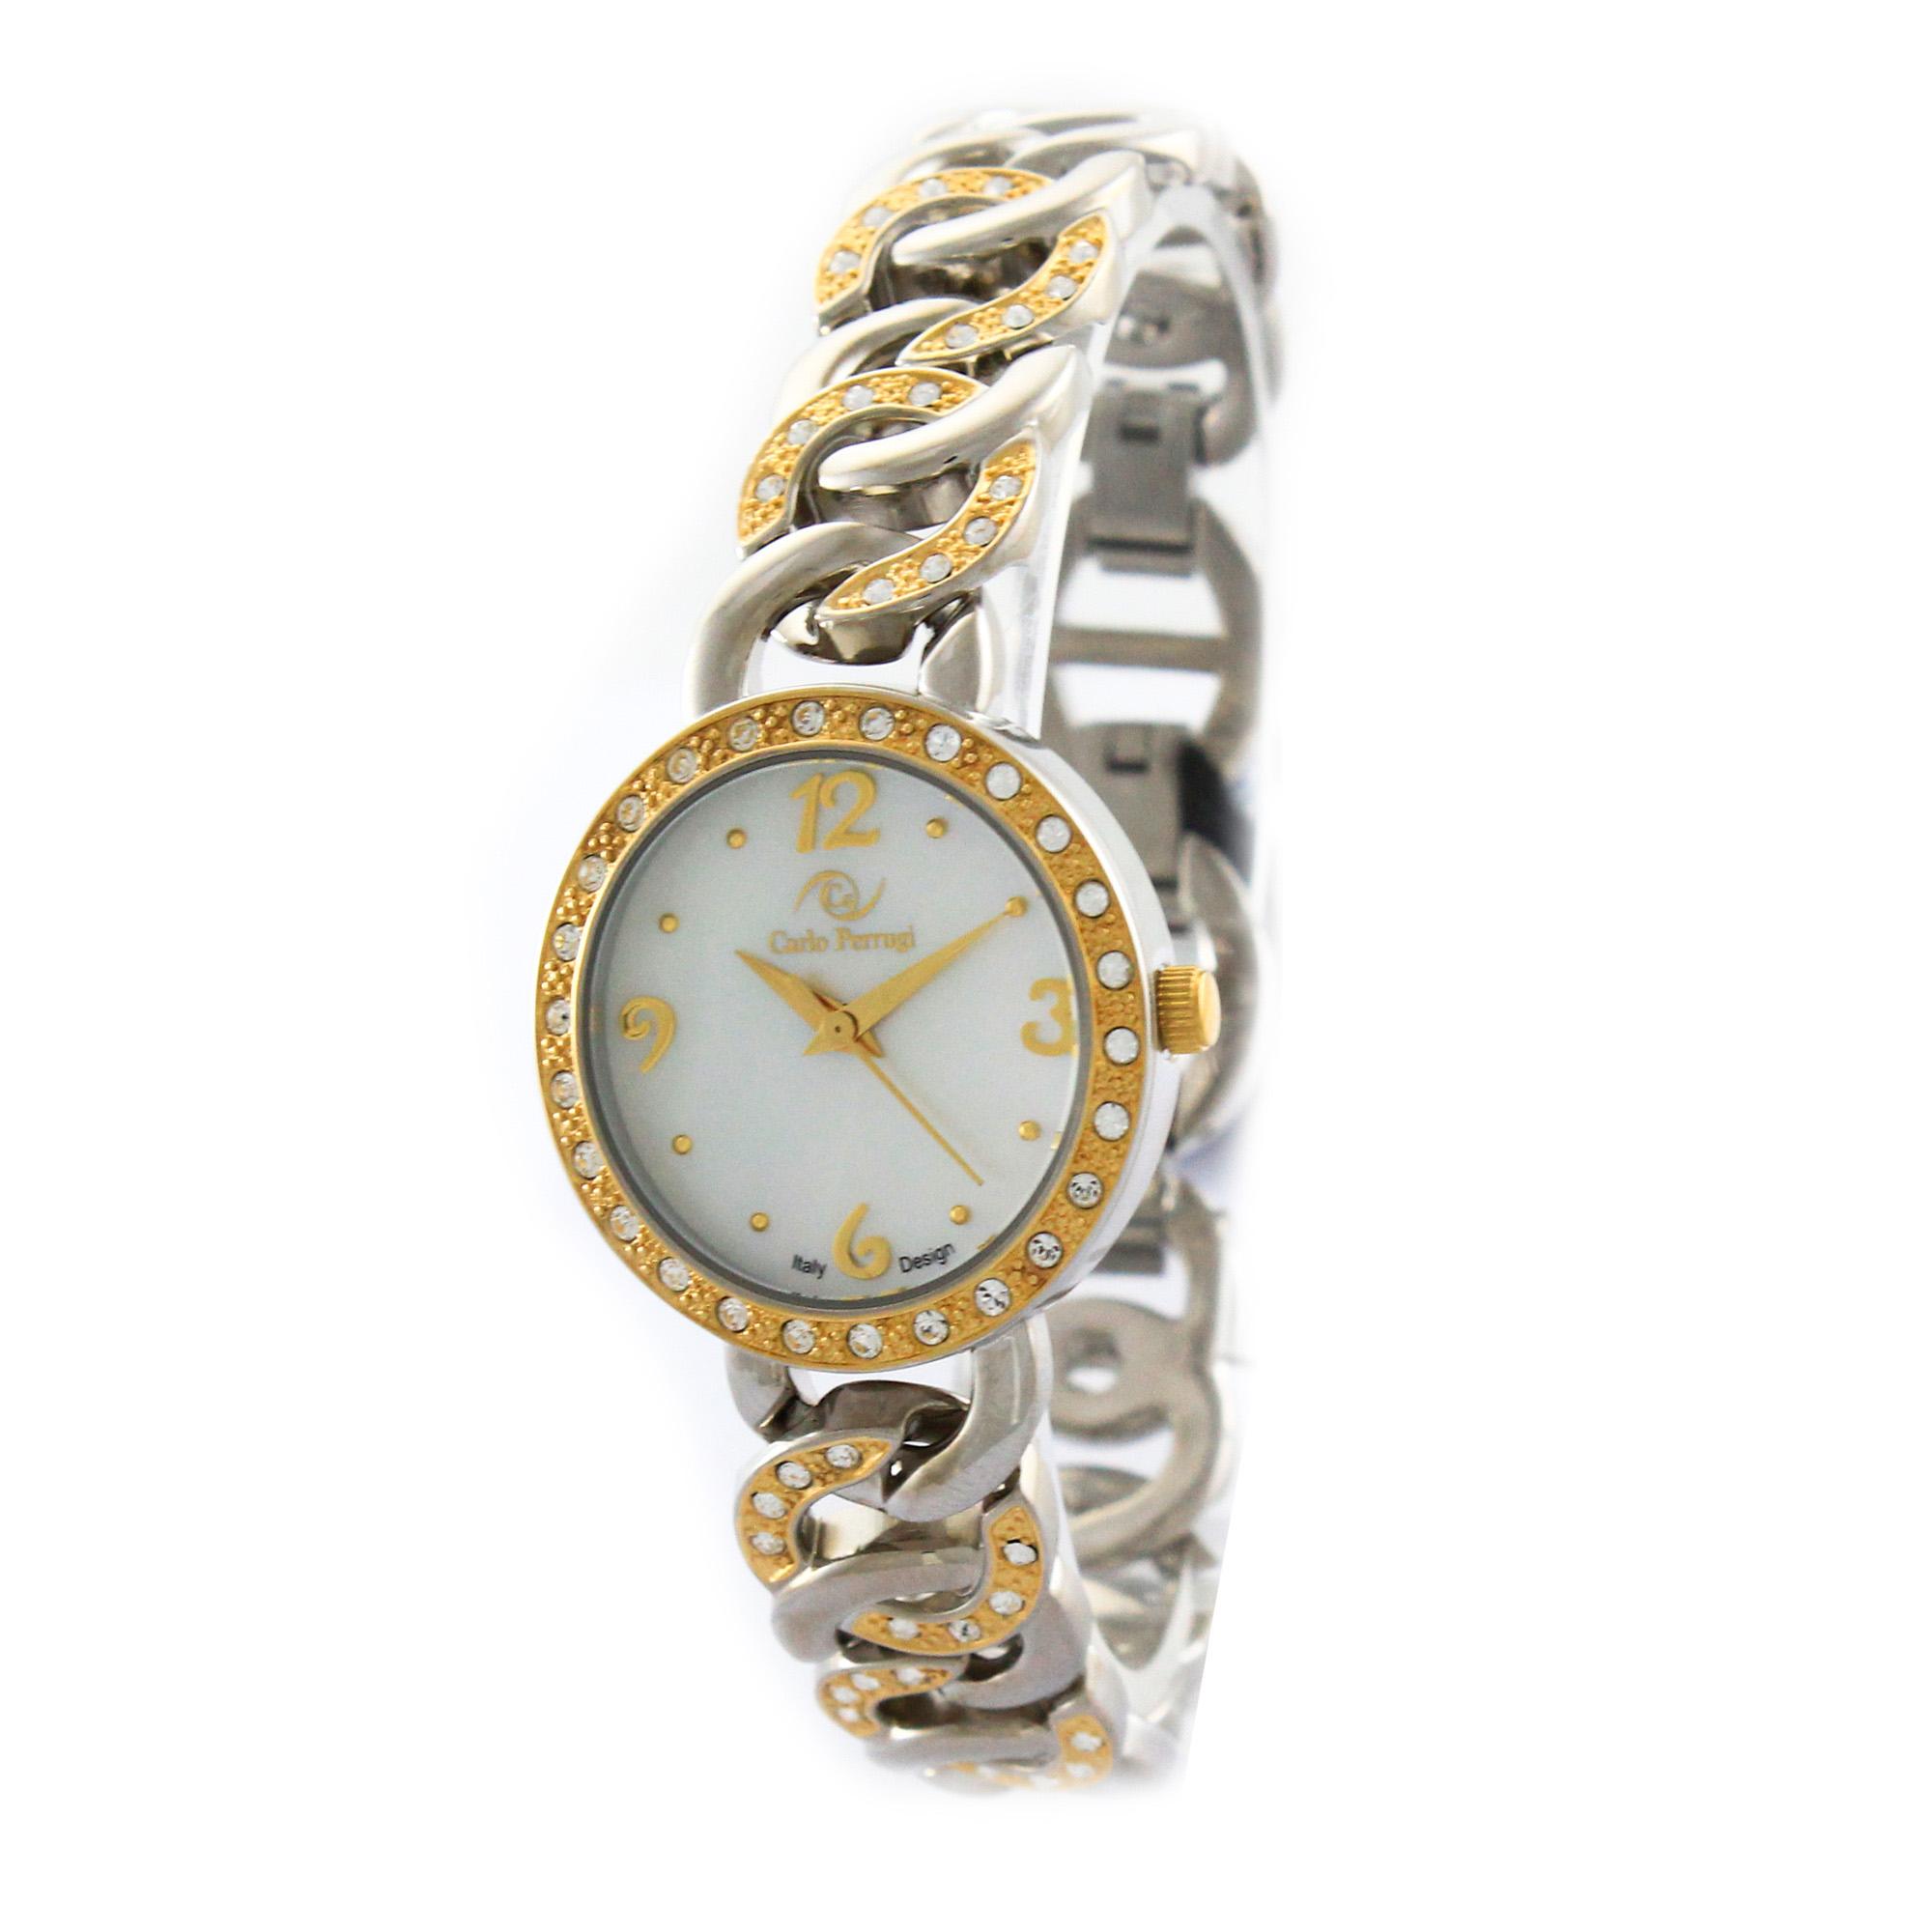 ساعت مچی عقربه ای زنانه کارلو پروجی مدل SL0042-3